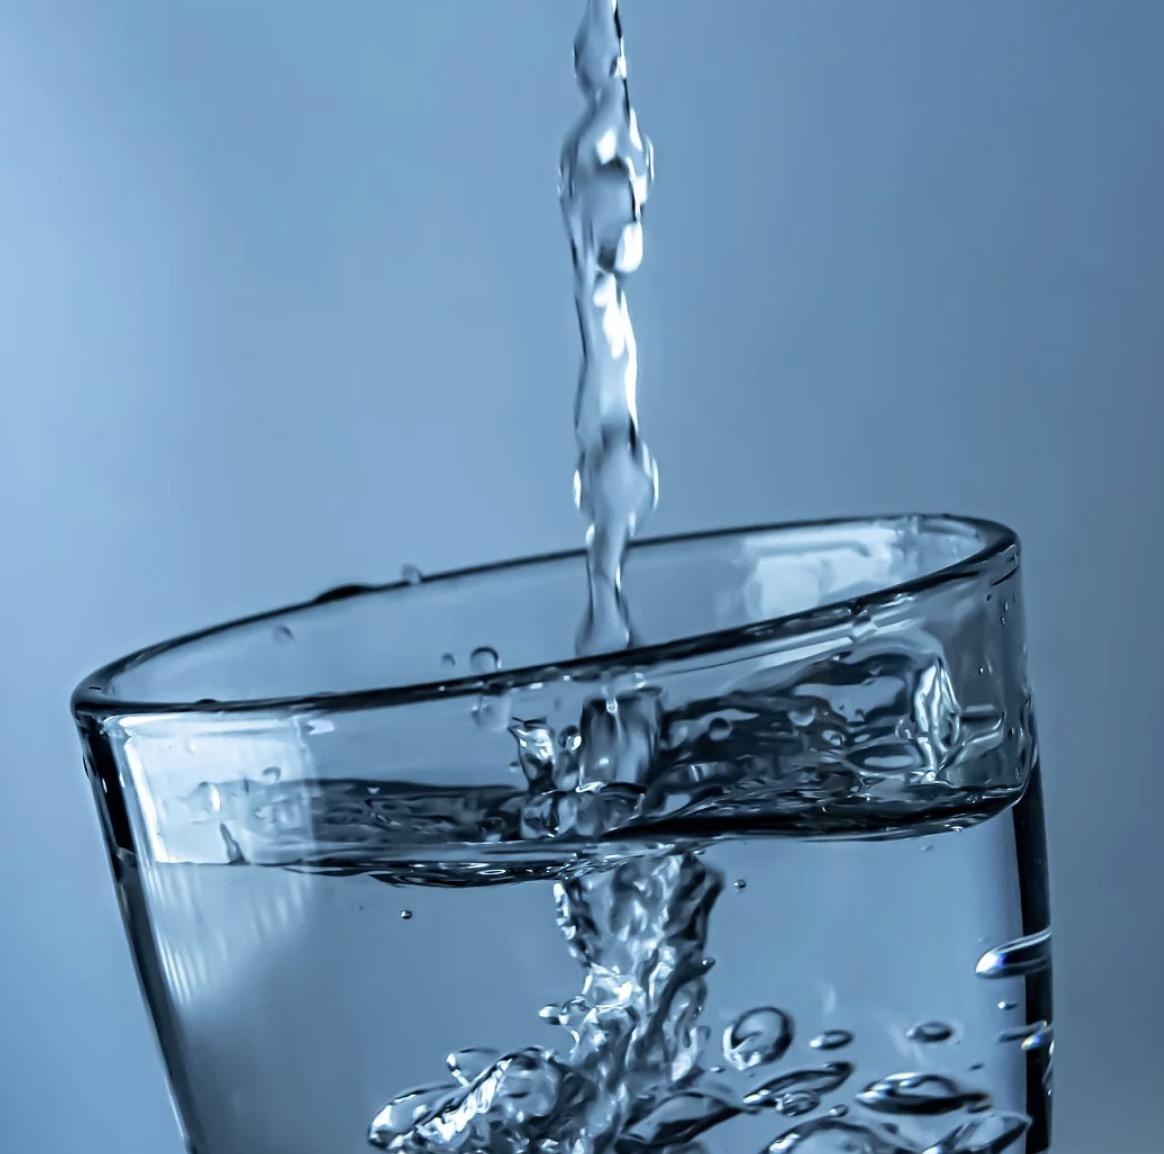 Wasserglas mit kalkfreiem Wasser